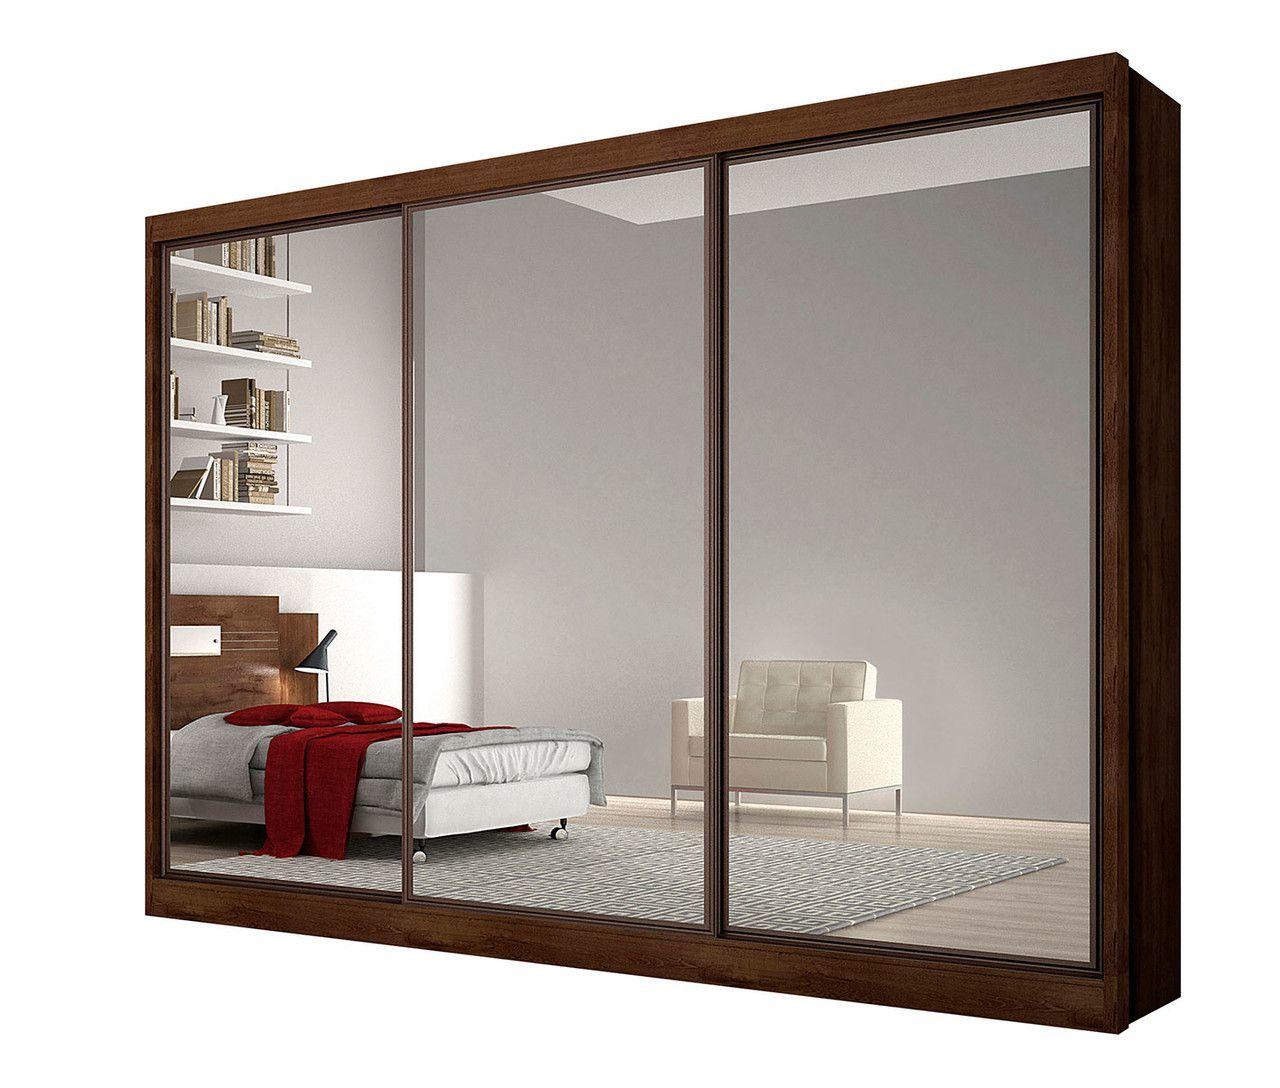 Guarda Roupa Casal com Espelho 3 Portas 6 Gavetas ALFEU Novo  Horizonte